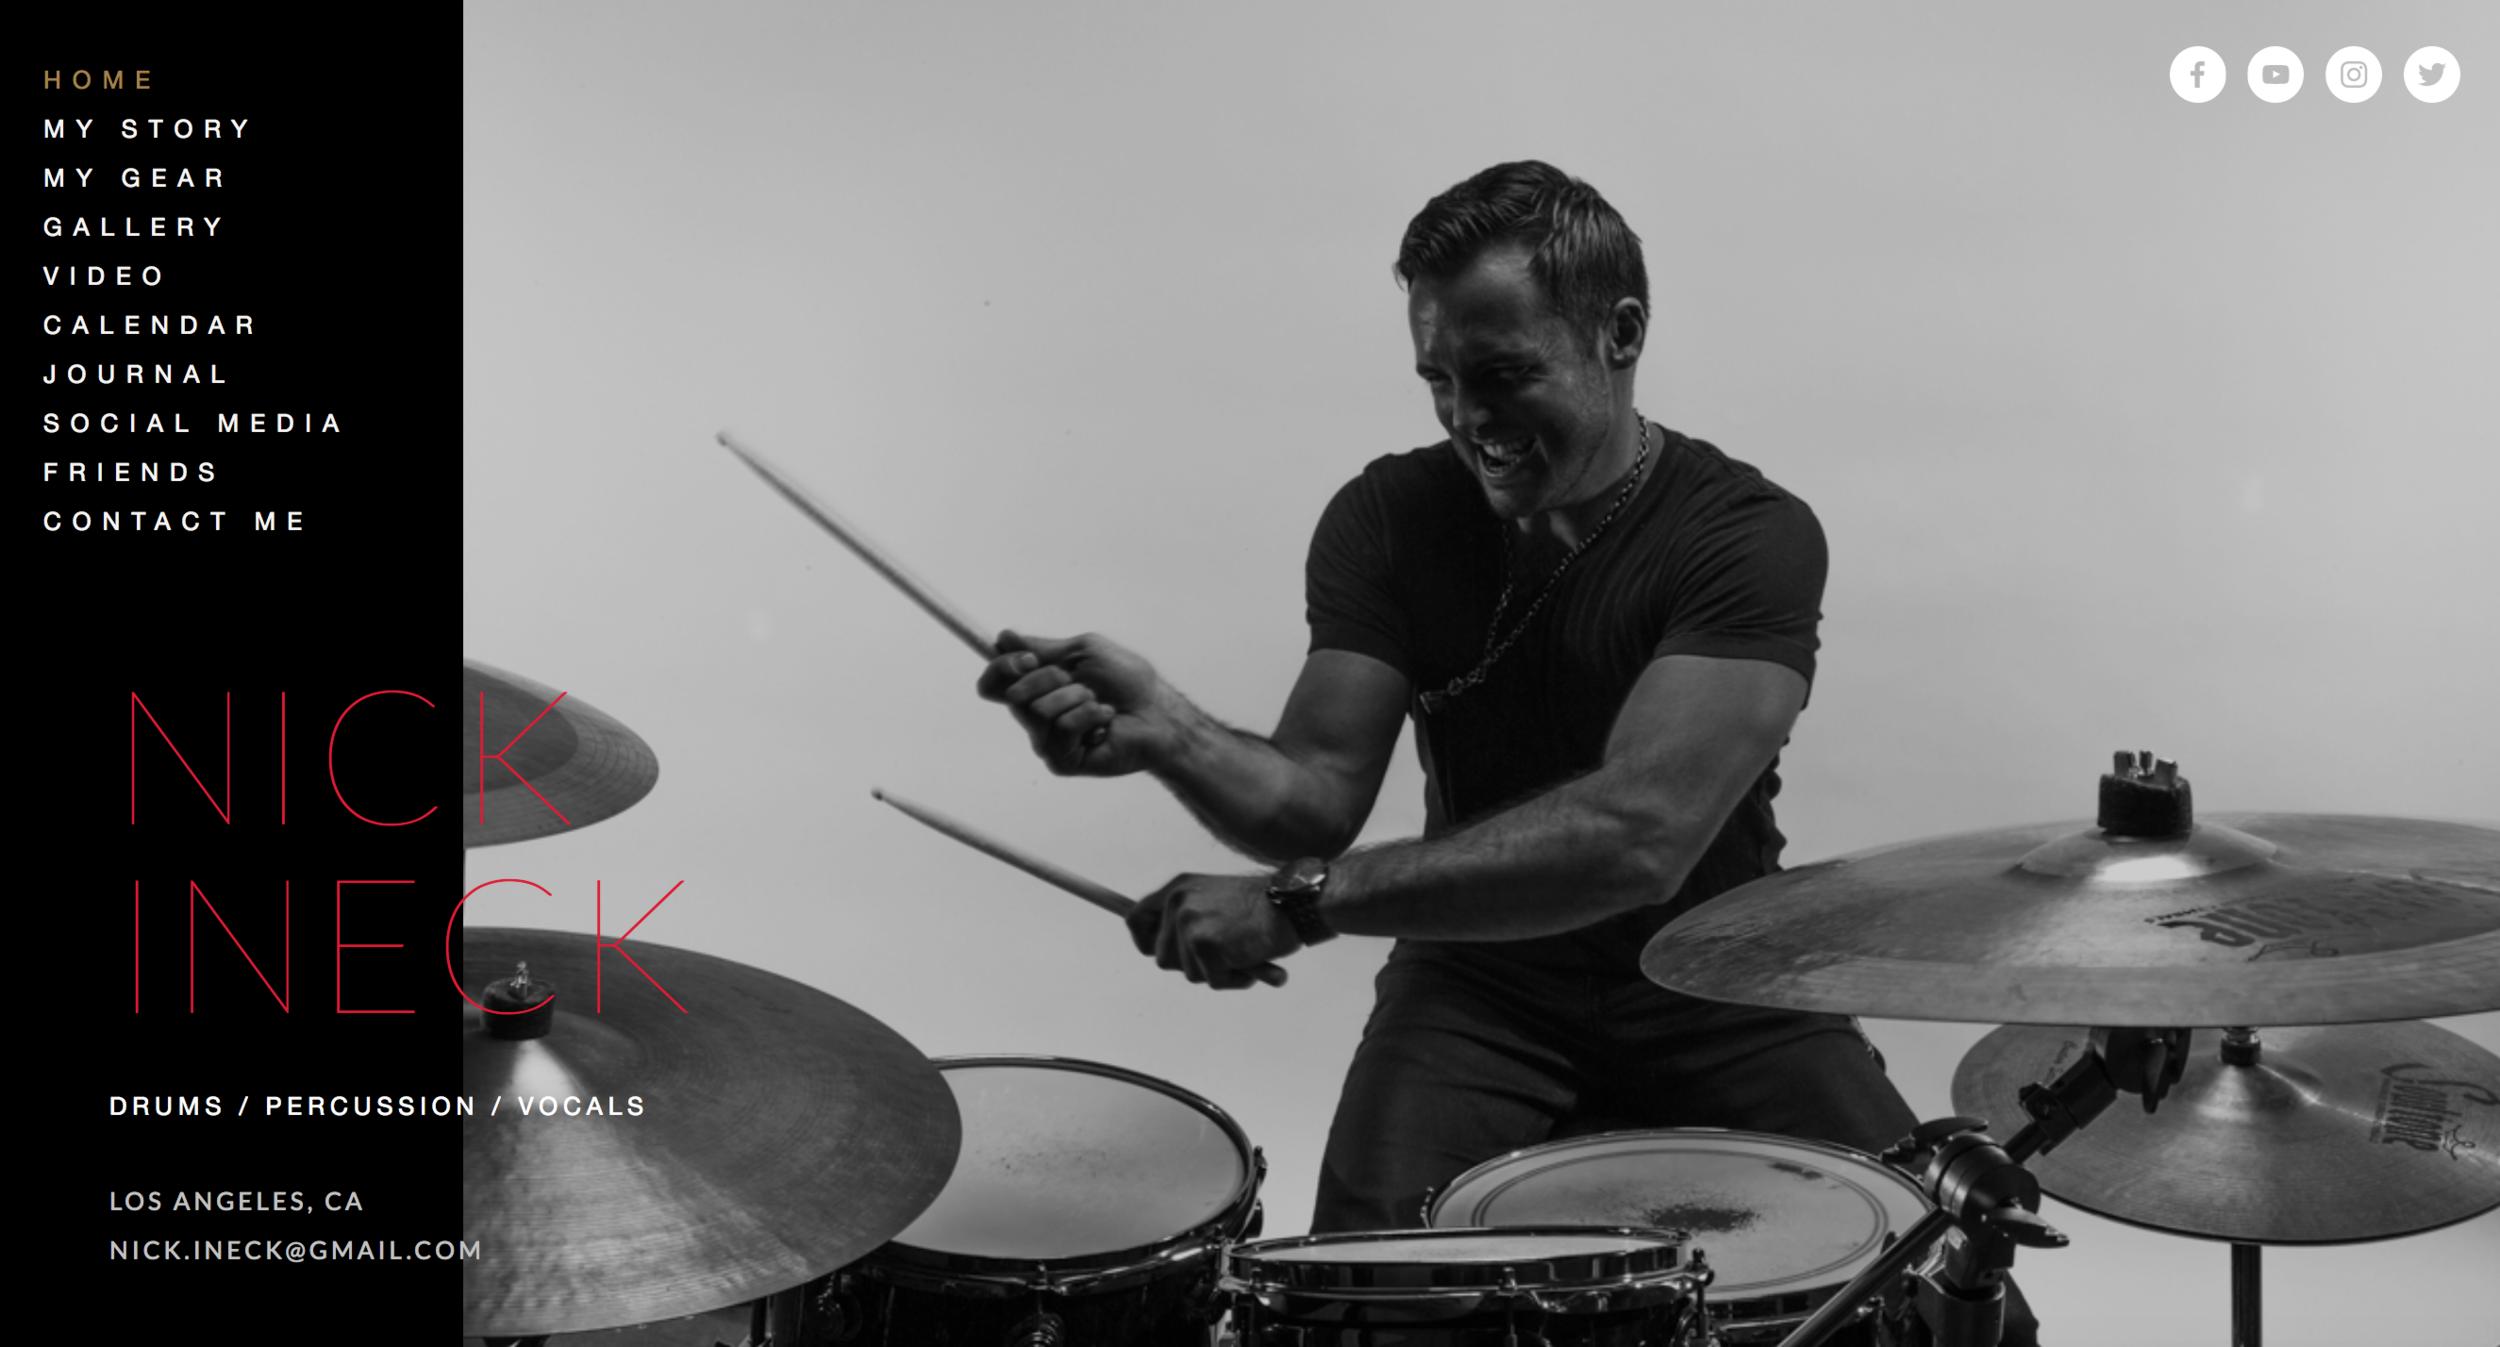 Nick Ineck, Drummer